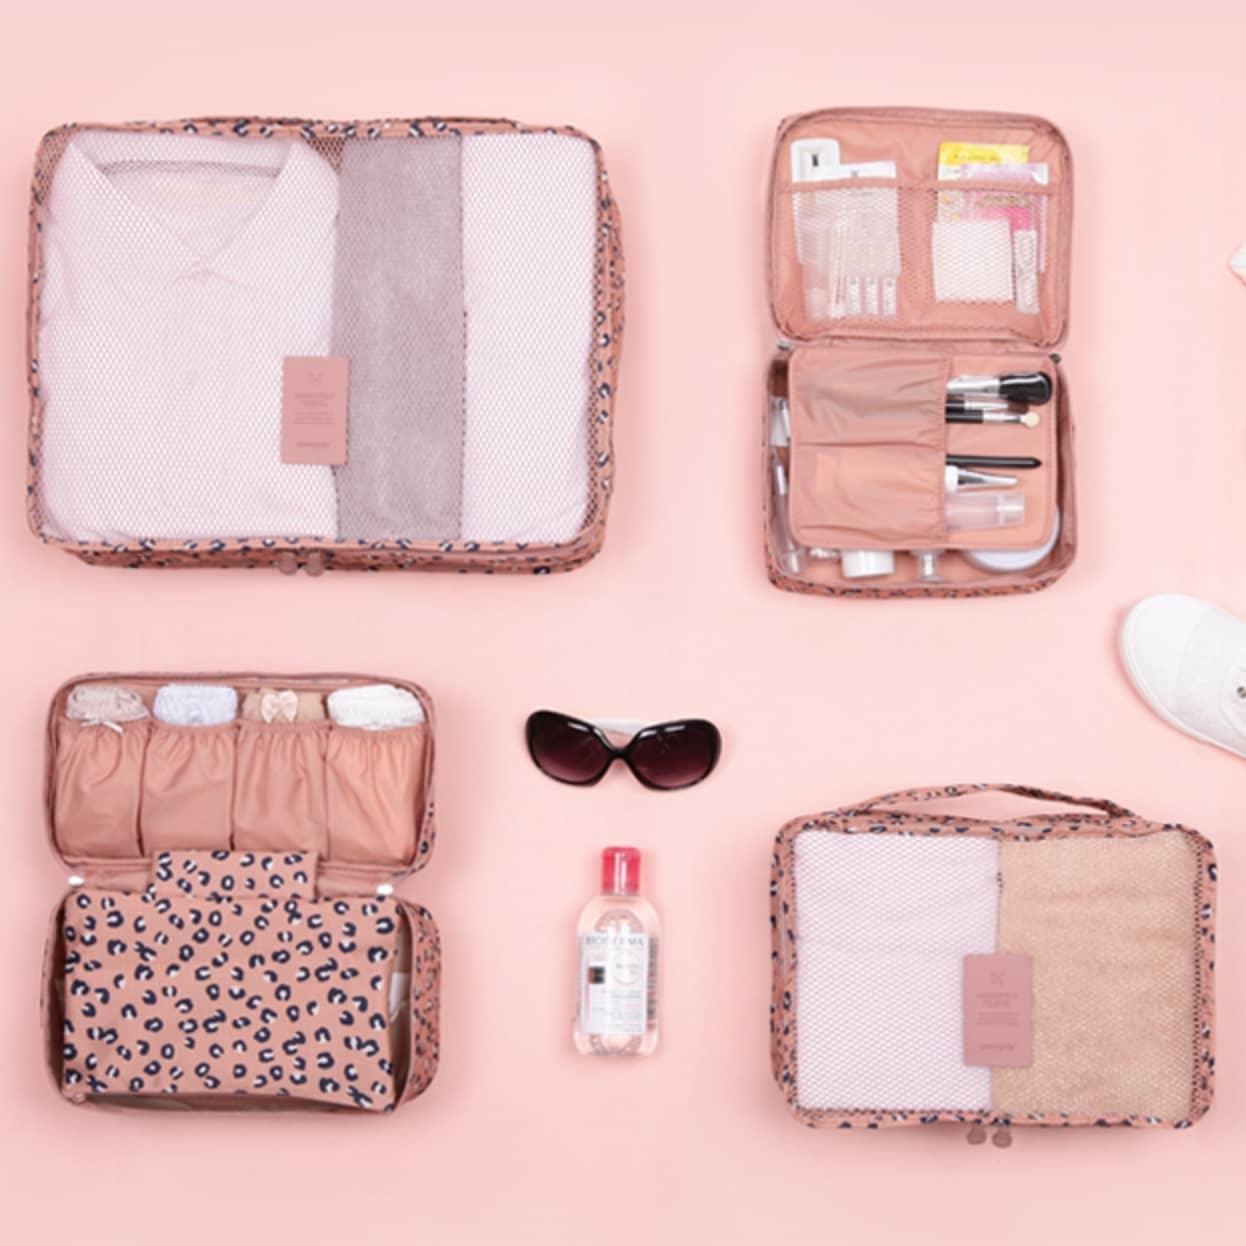 nao-e-caro-viajar-compartimentos-mala-arrumando